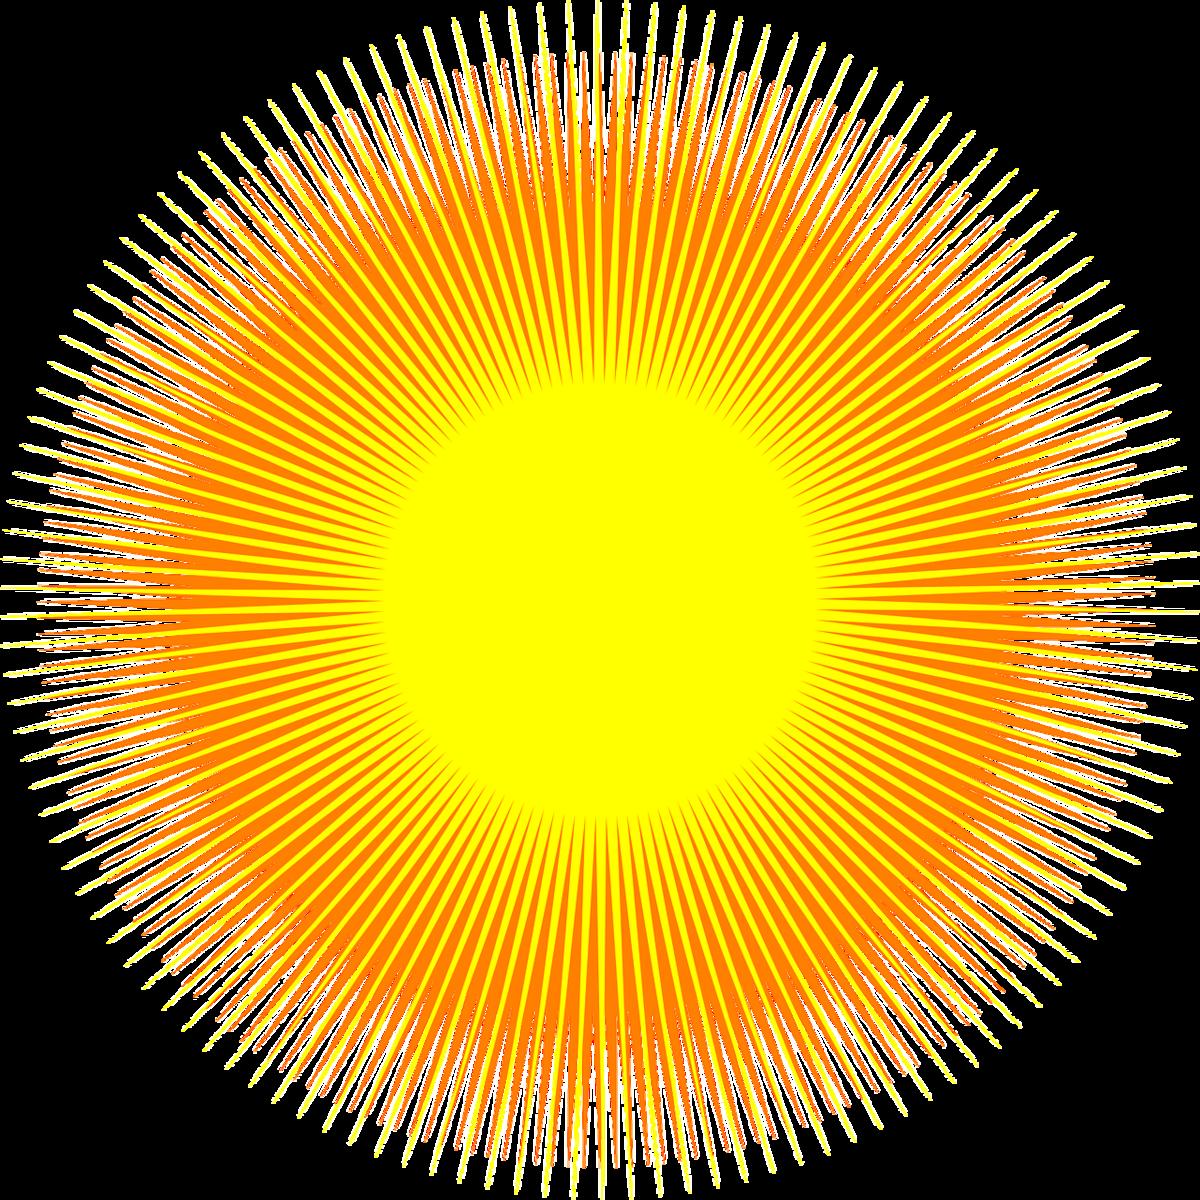 Картинки солнца с лучами на прозрачном фоне